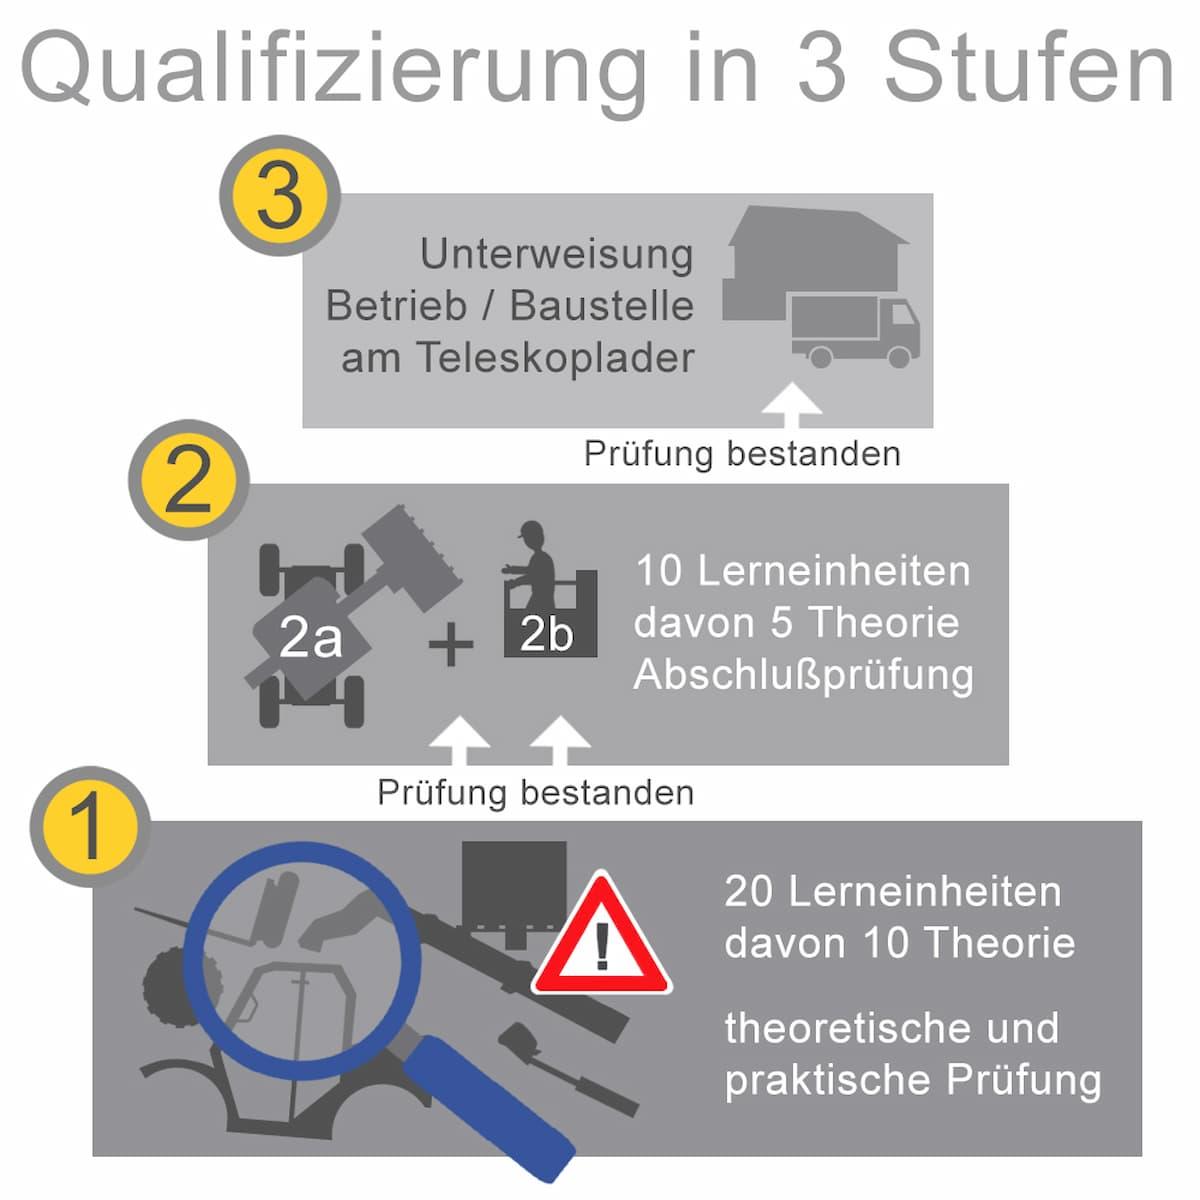 Ausbildung Teleskopstapler: Ausbildung in drei Stufen